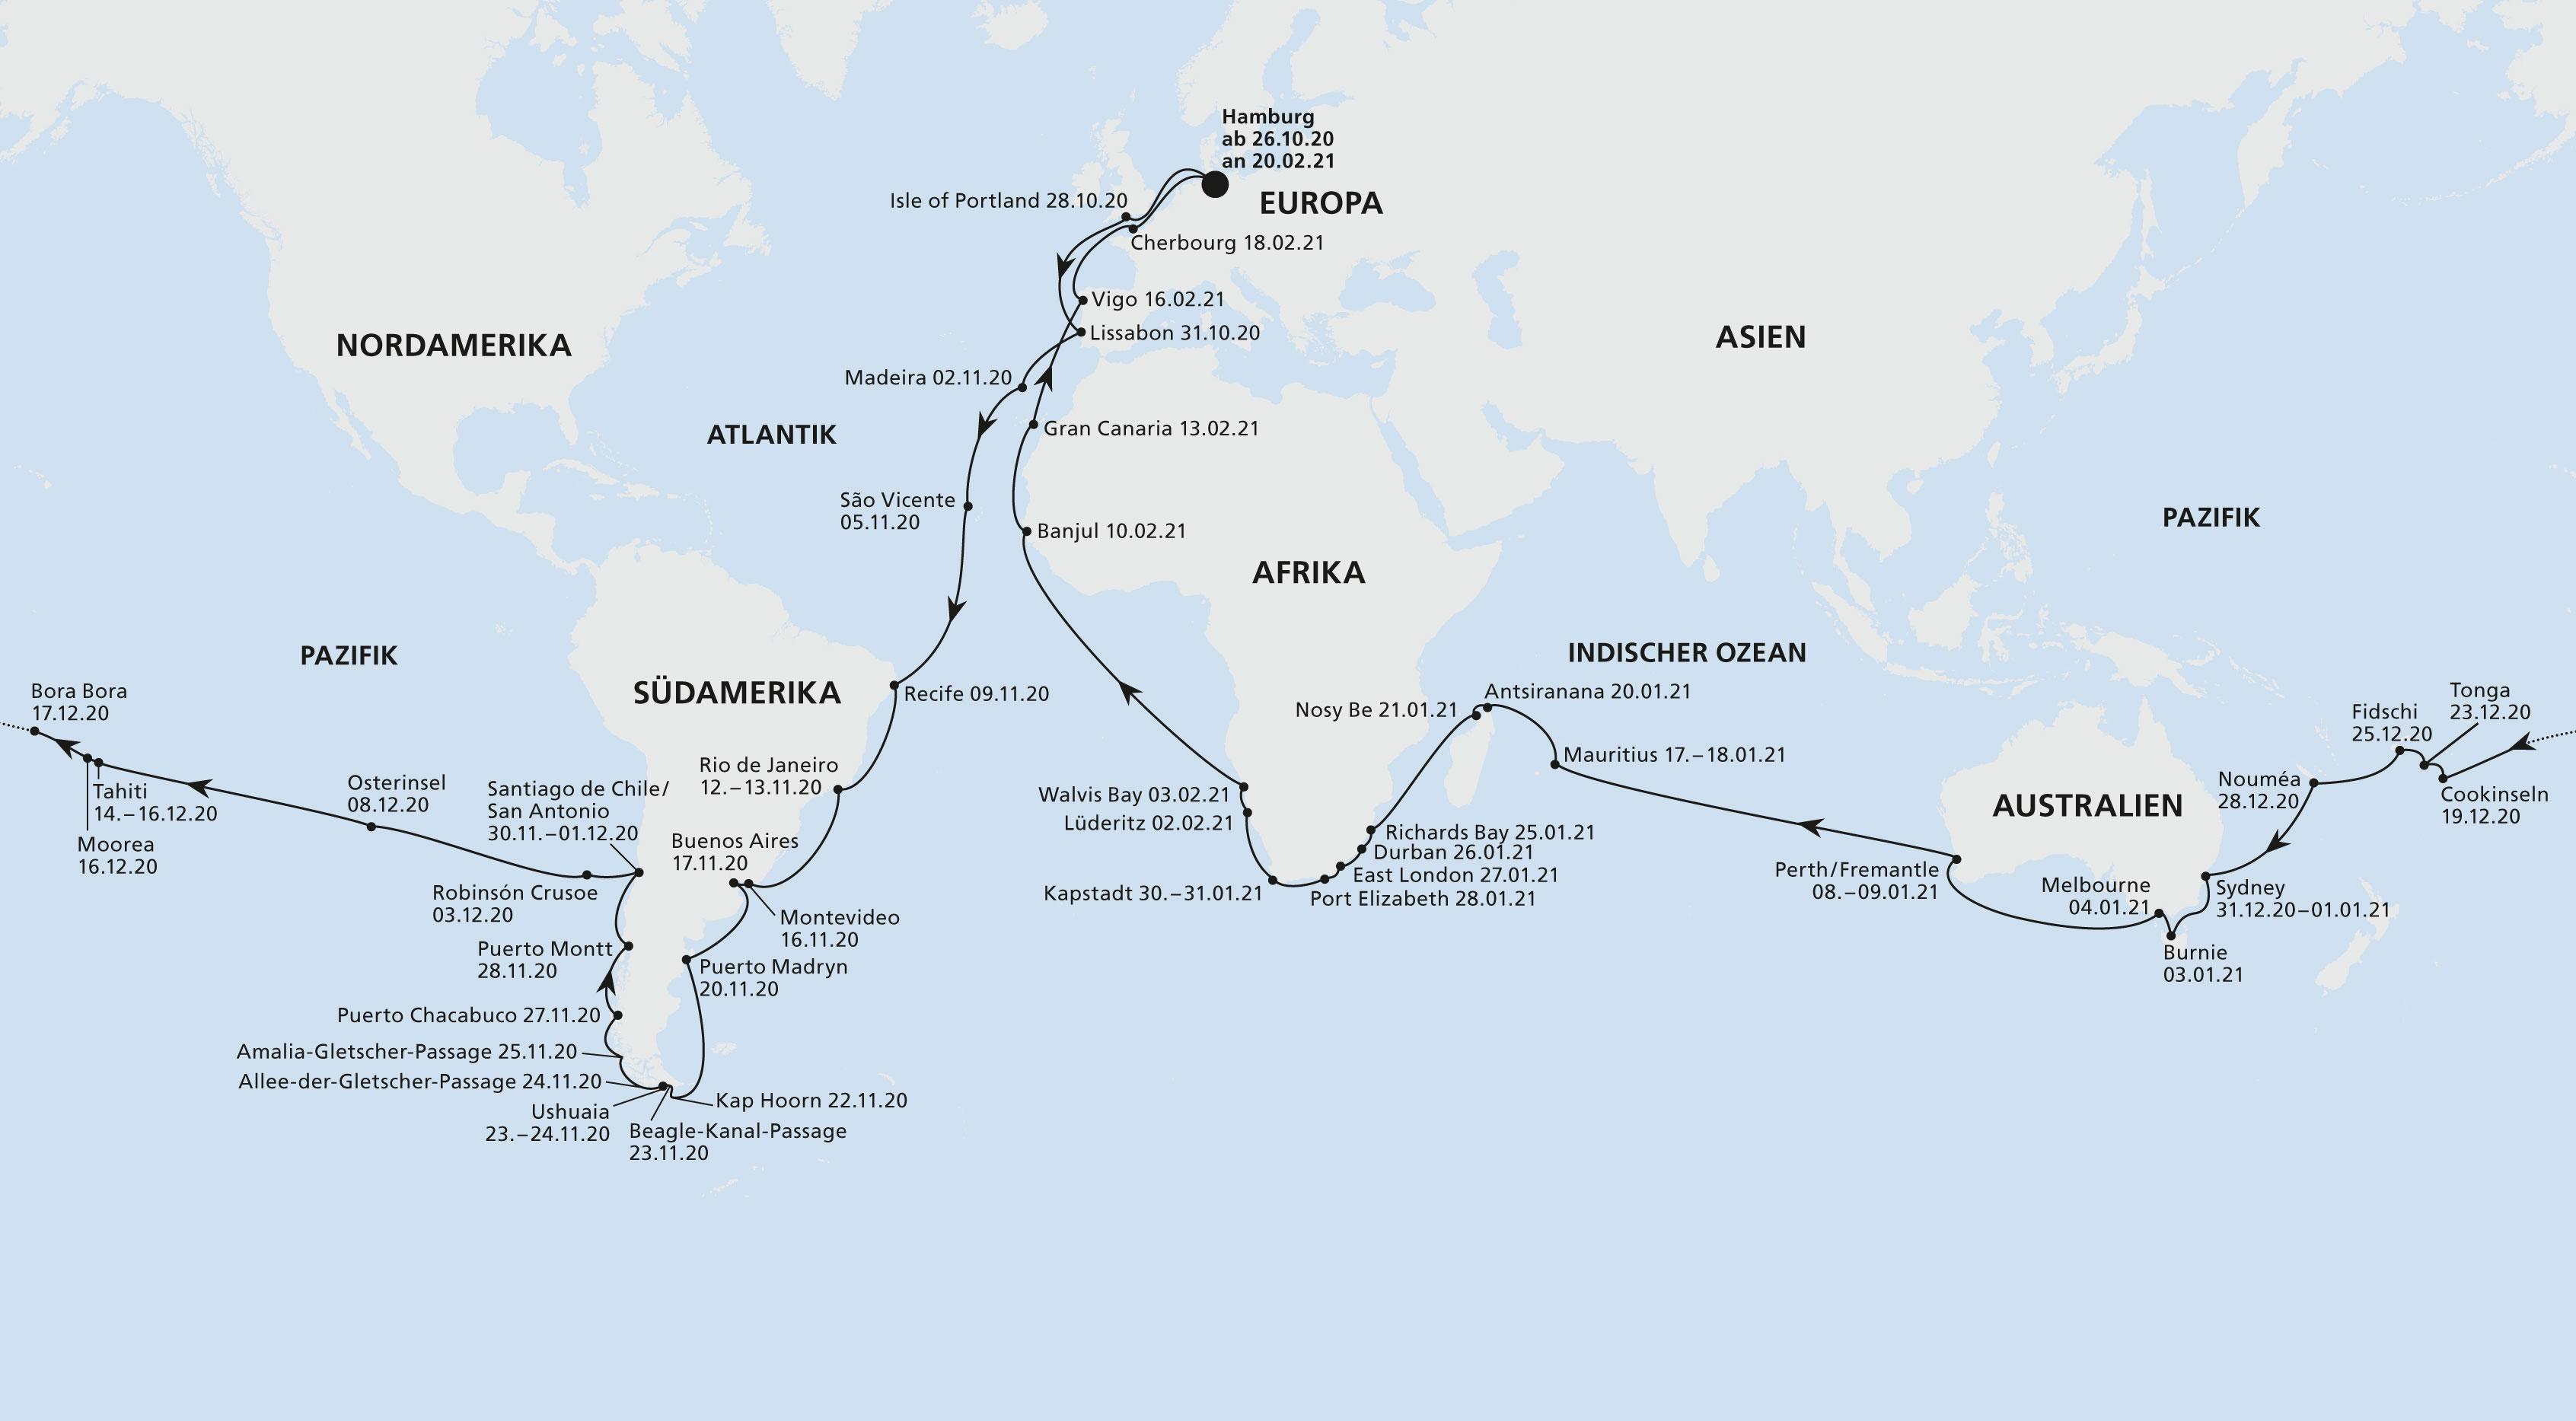 Weltreise AIDAaura